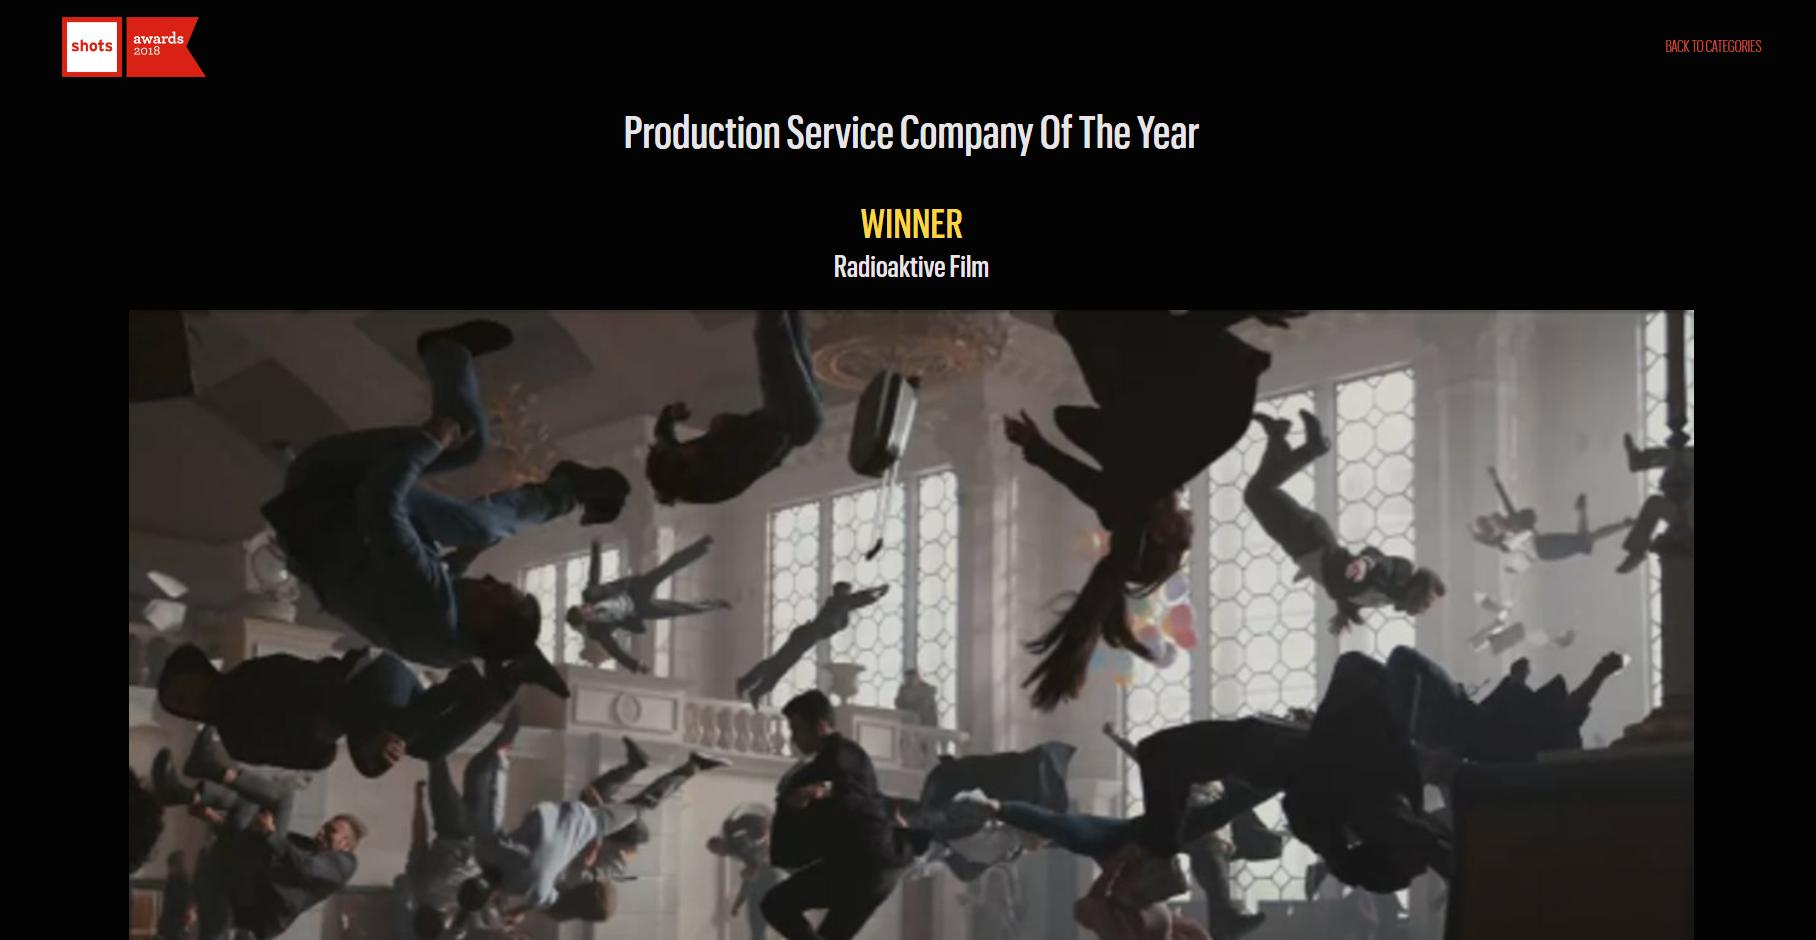 Киевская студия Radioaktive Film, снимавшая рекламу умных часов Apple Watch Series 3, признана лучшей продакш-студией в мире по версии Shots Awards